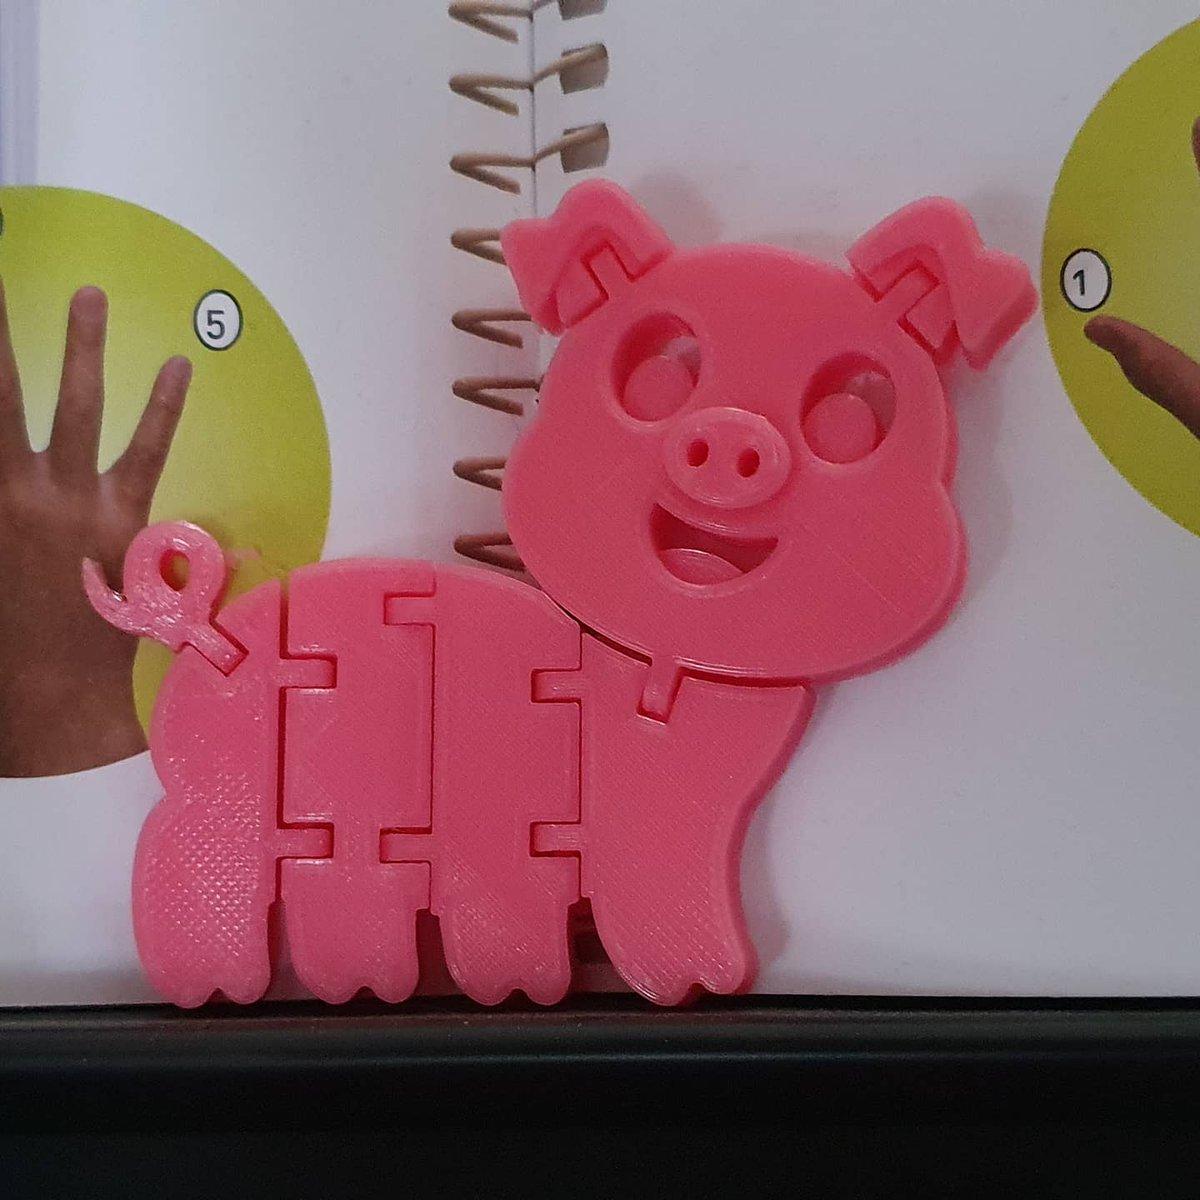 Cochon rose 😁 Imprimé pour ma fille 😊 Créé par #fixumdude sur @cults3d  Très jolie création,  👍 #cochon #articulé #animauxmignons #animaux #animauxsauvages #animauxdecompagnie #creation #design #designer #decoration #3dprinting #printing #3d #3dprinter  #passion #art #art3d https://t.co/5ePUtoOZIN